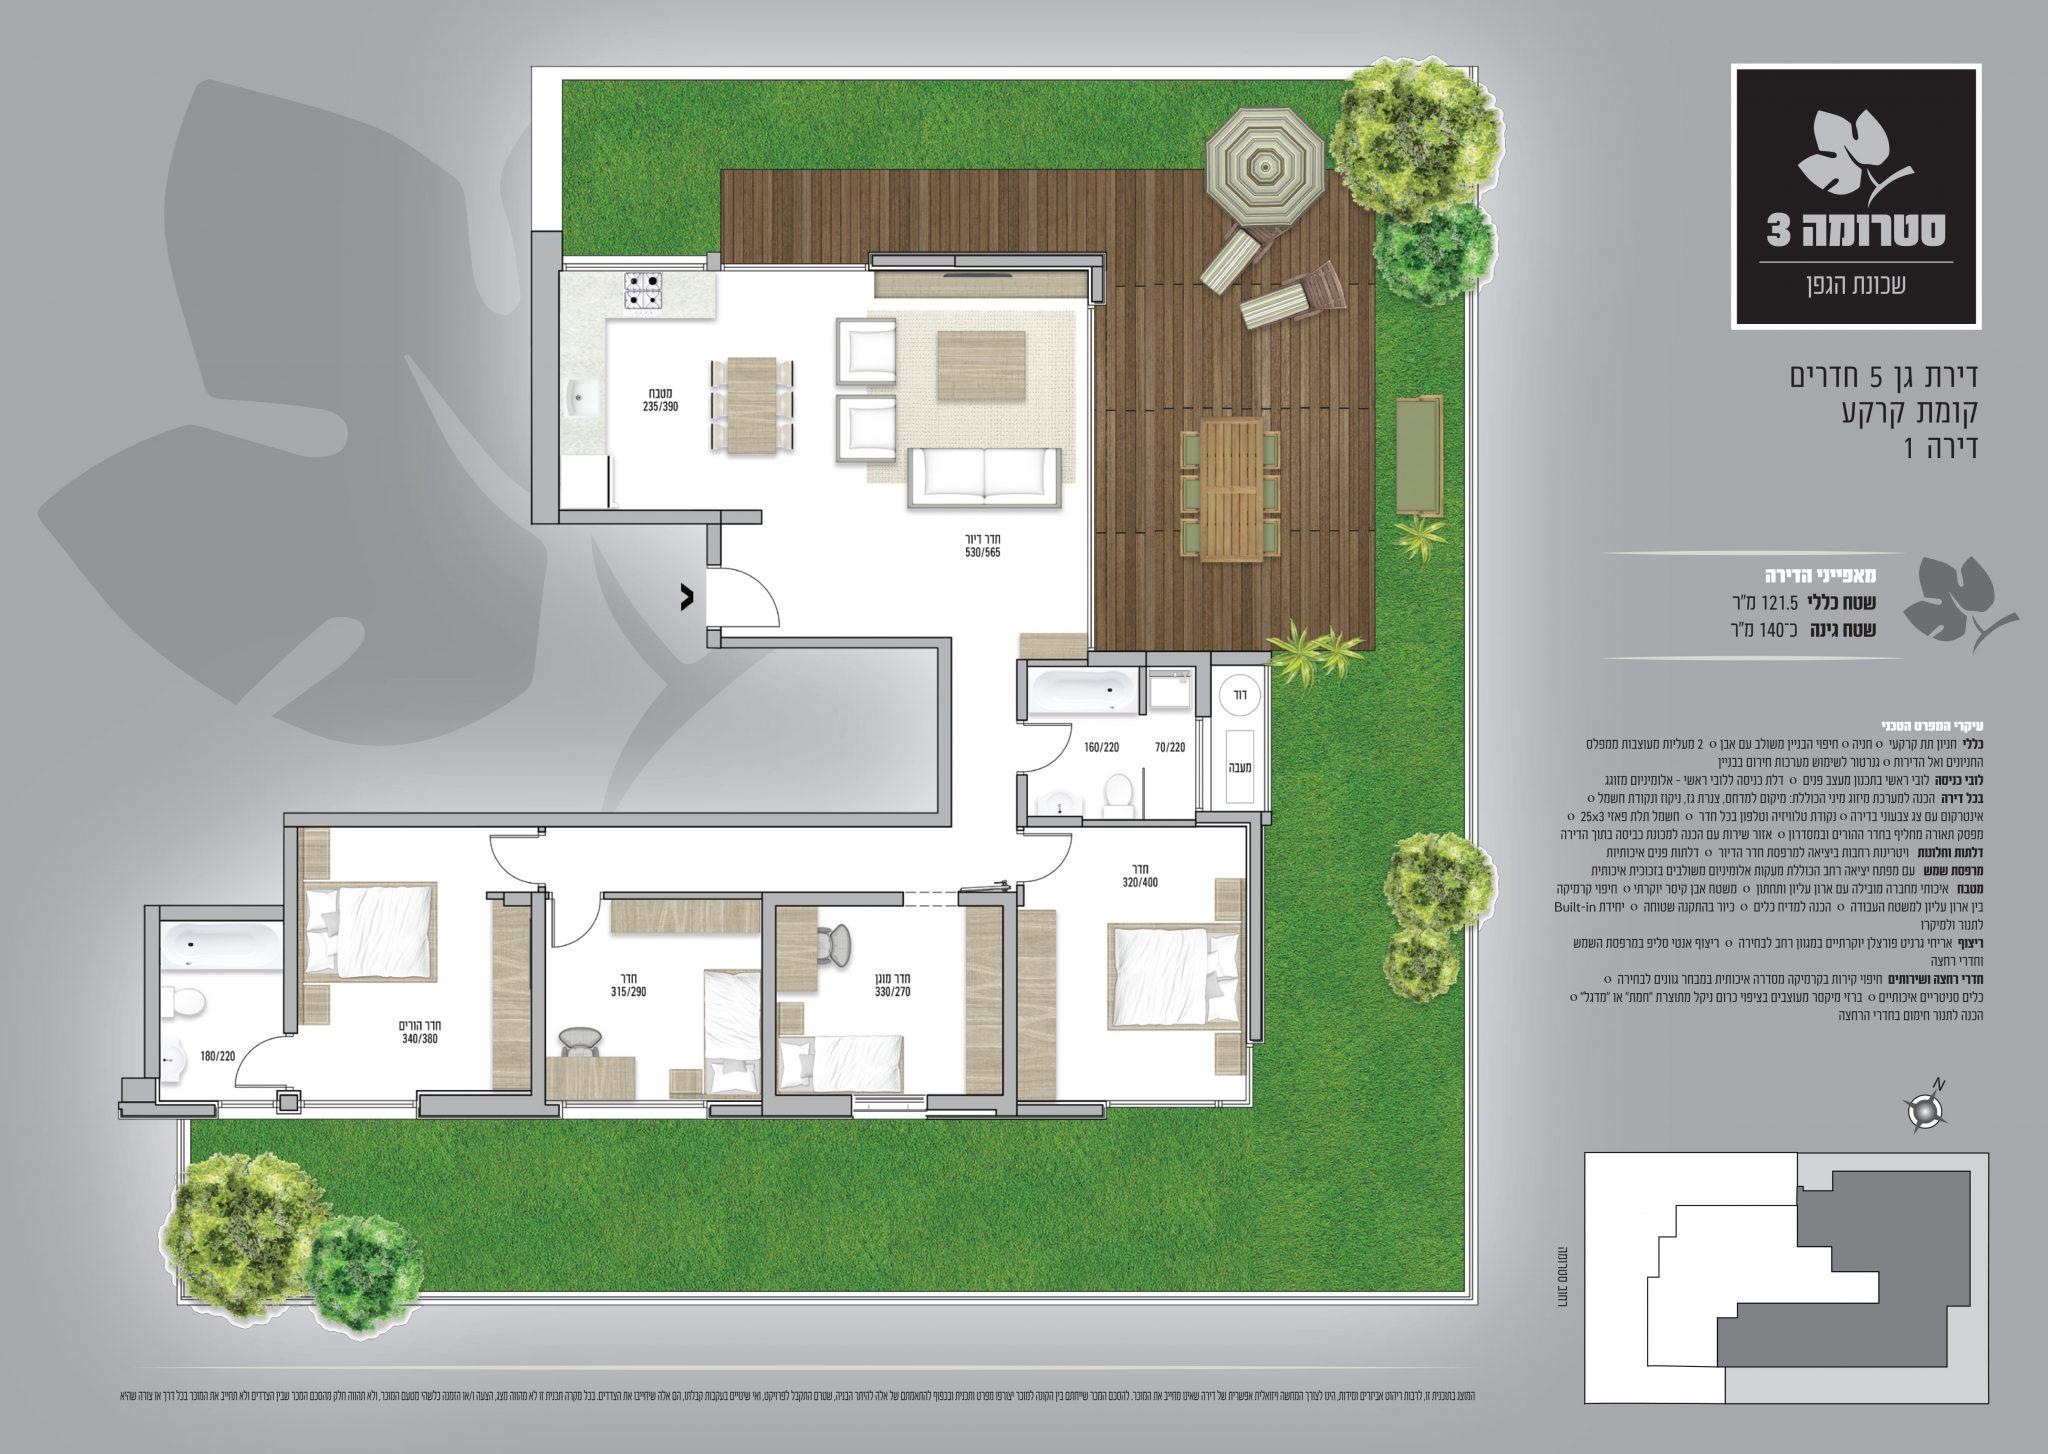 דירת גן 5 חדרים - מספר 1